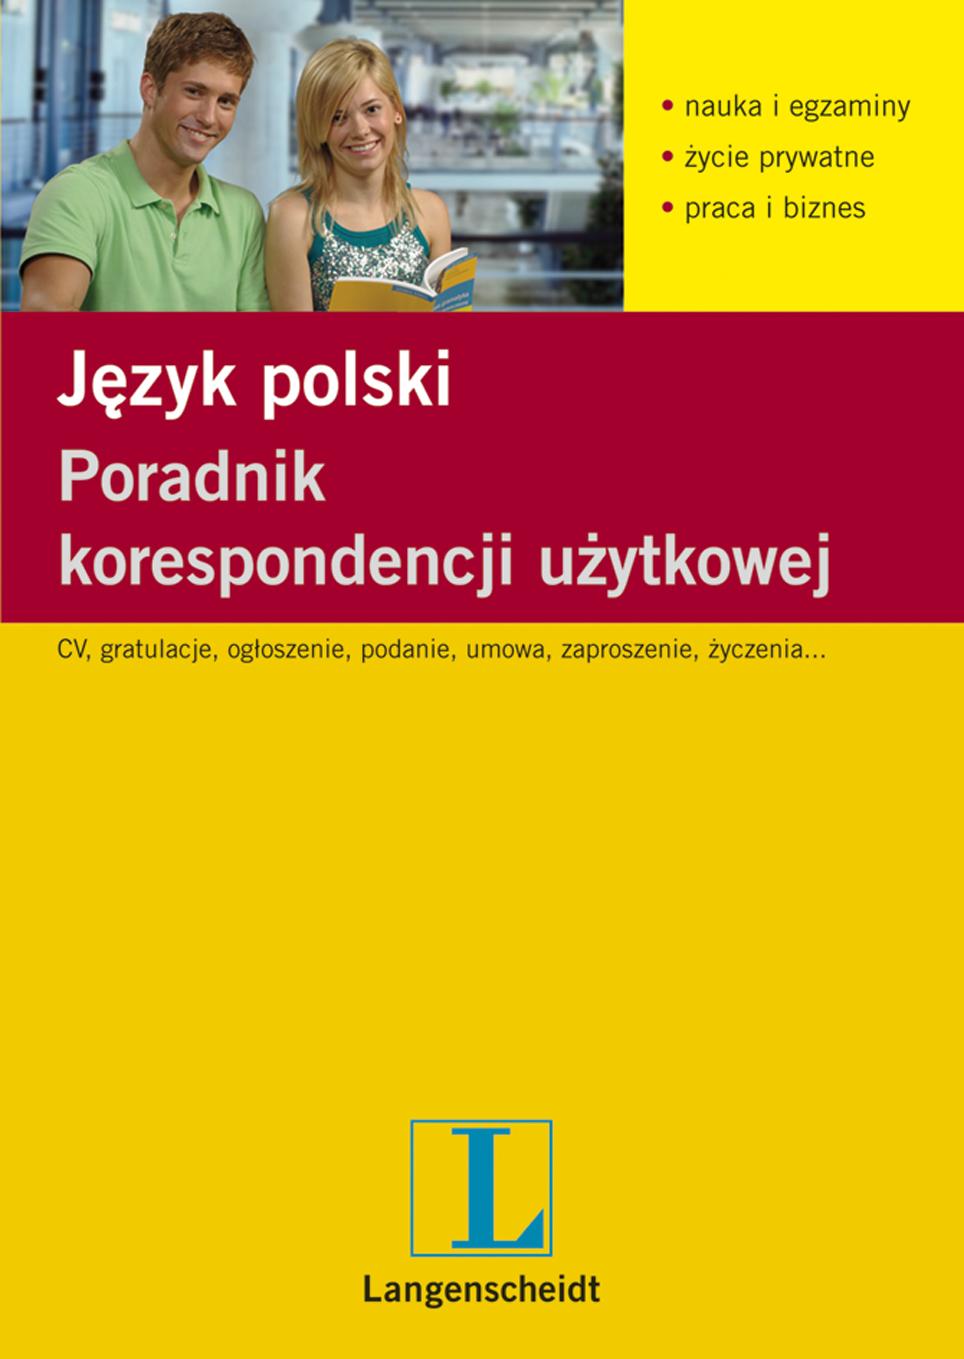 Poradnik korespondencji użytkowej. Język polski - ebook, Langenscheidt, książki, eksiążki, poradnik,język polski,korespondencja, epartnerzy.com